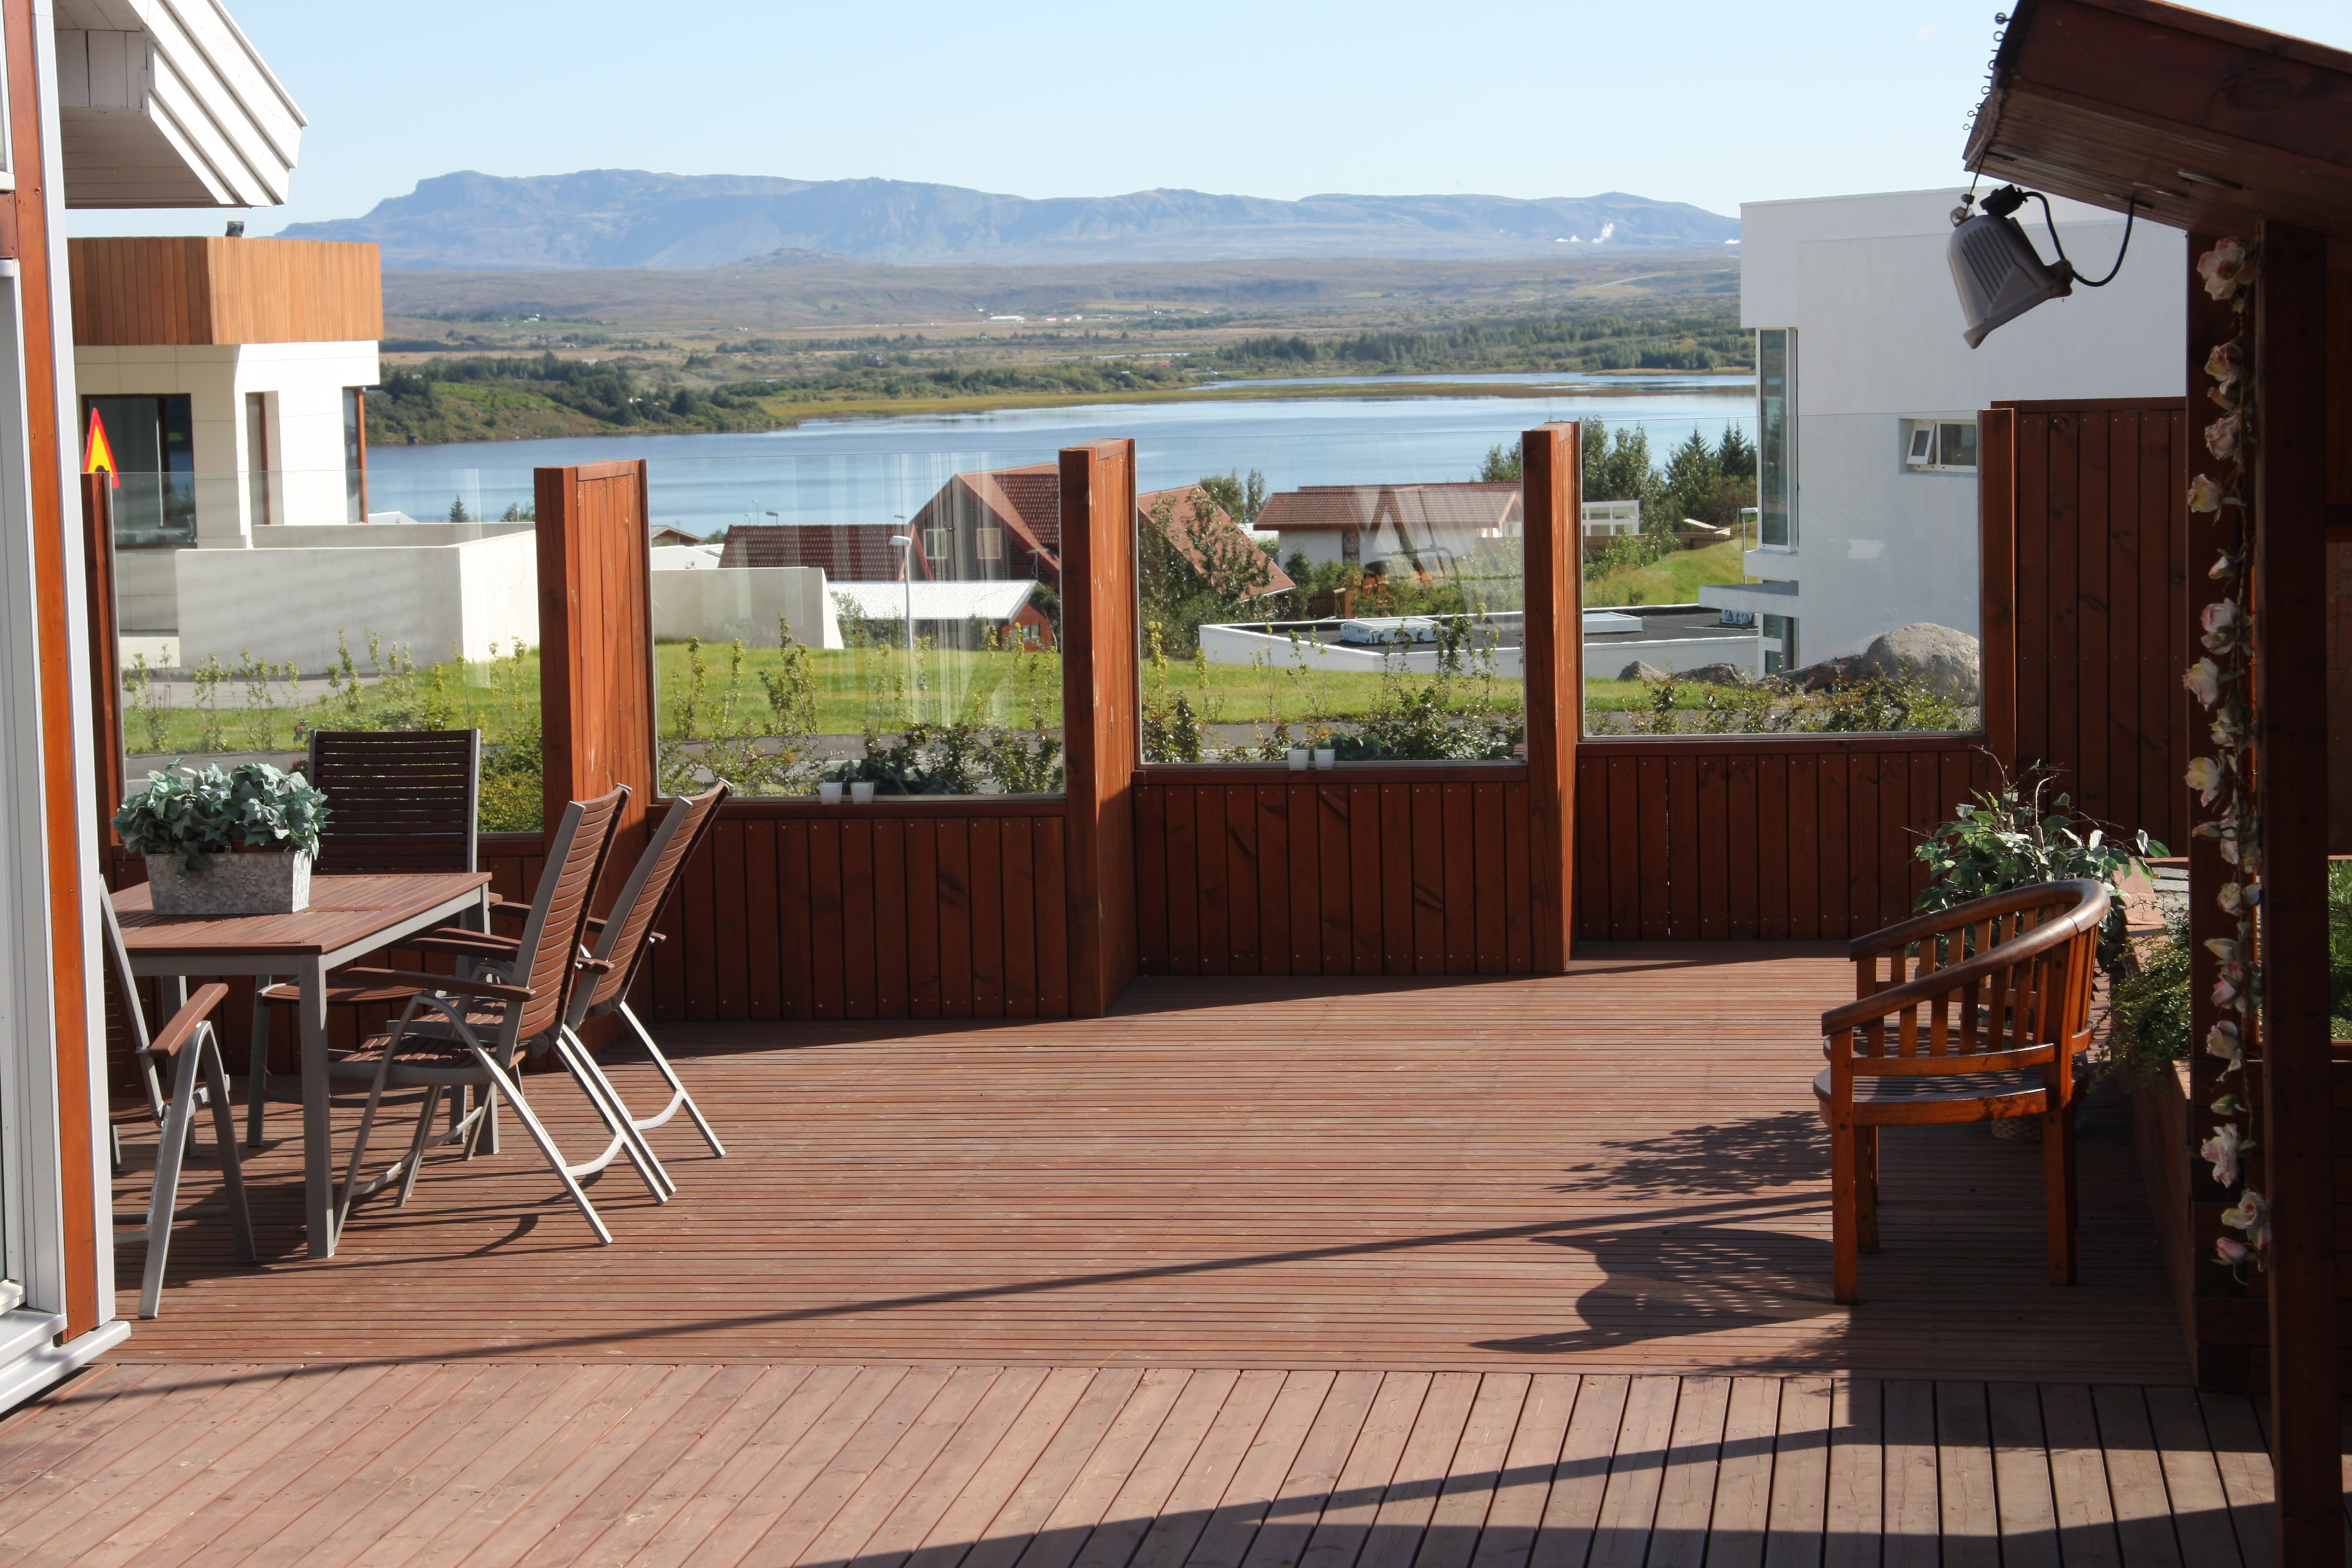 5 Garden Design Ideas for Creating more Shelter in a Scandinavian ...